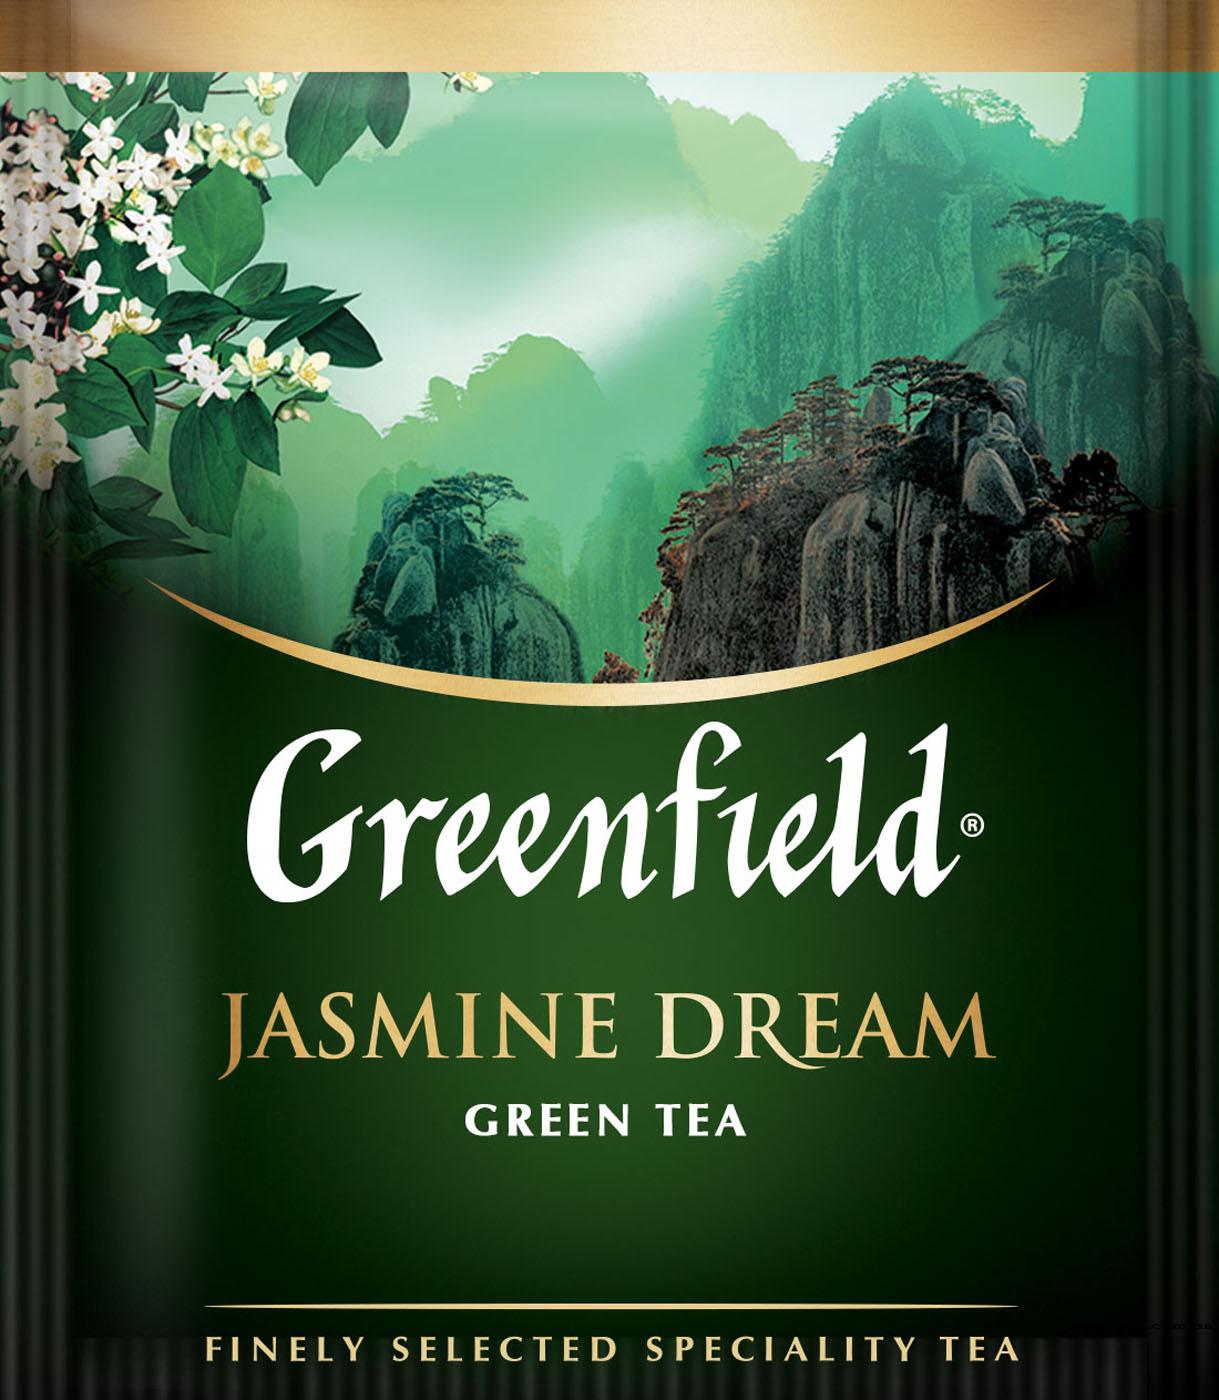 Чай зеленый классический Jasmin Dream 25пак. по 2гр., термосаше Greenfield - фото 1